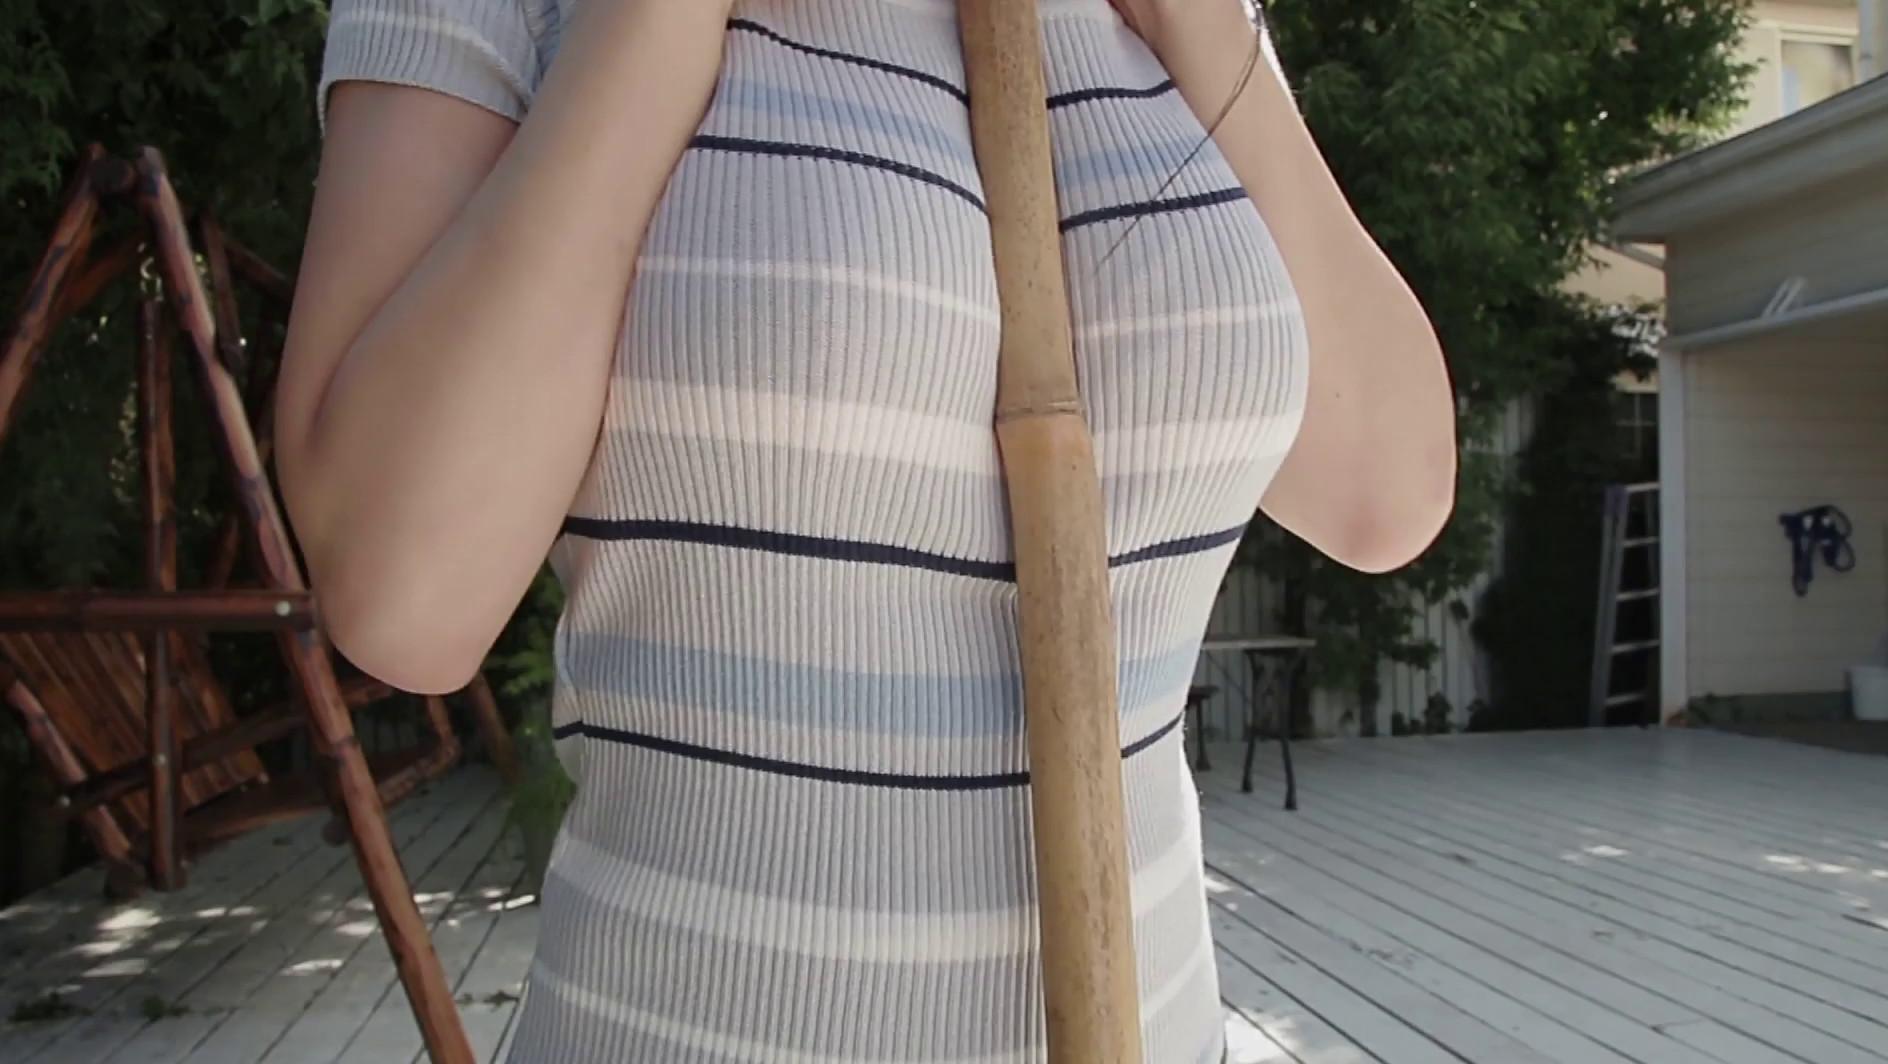 人妻 昼顔のおんなたち ~動画編~6